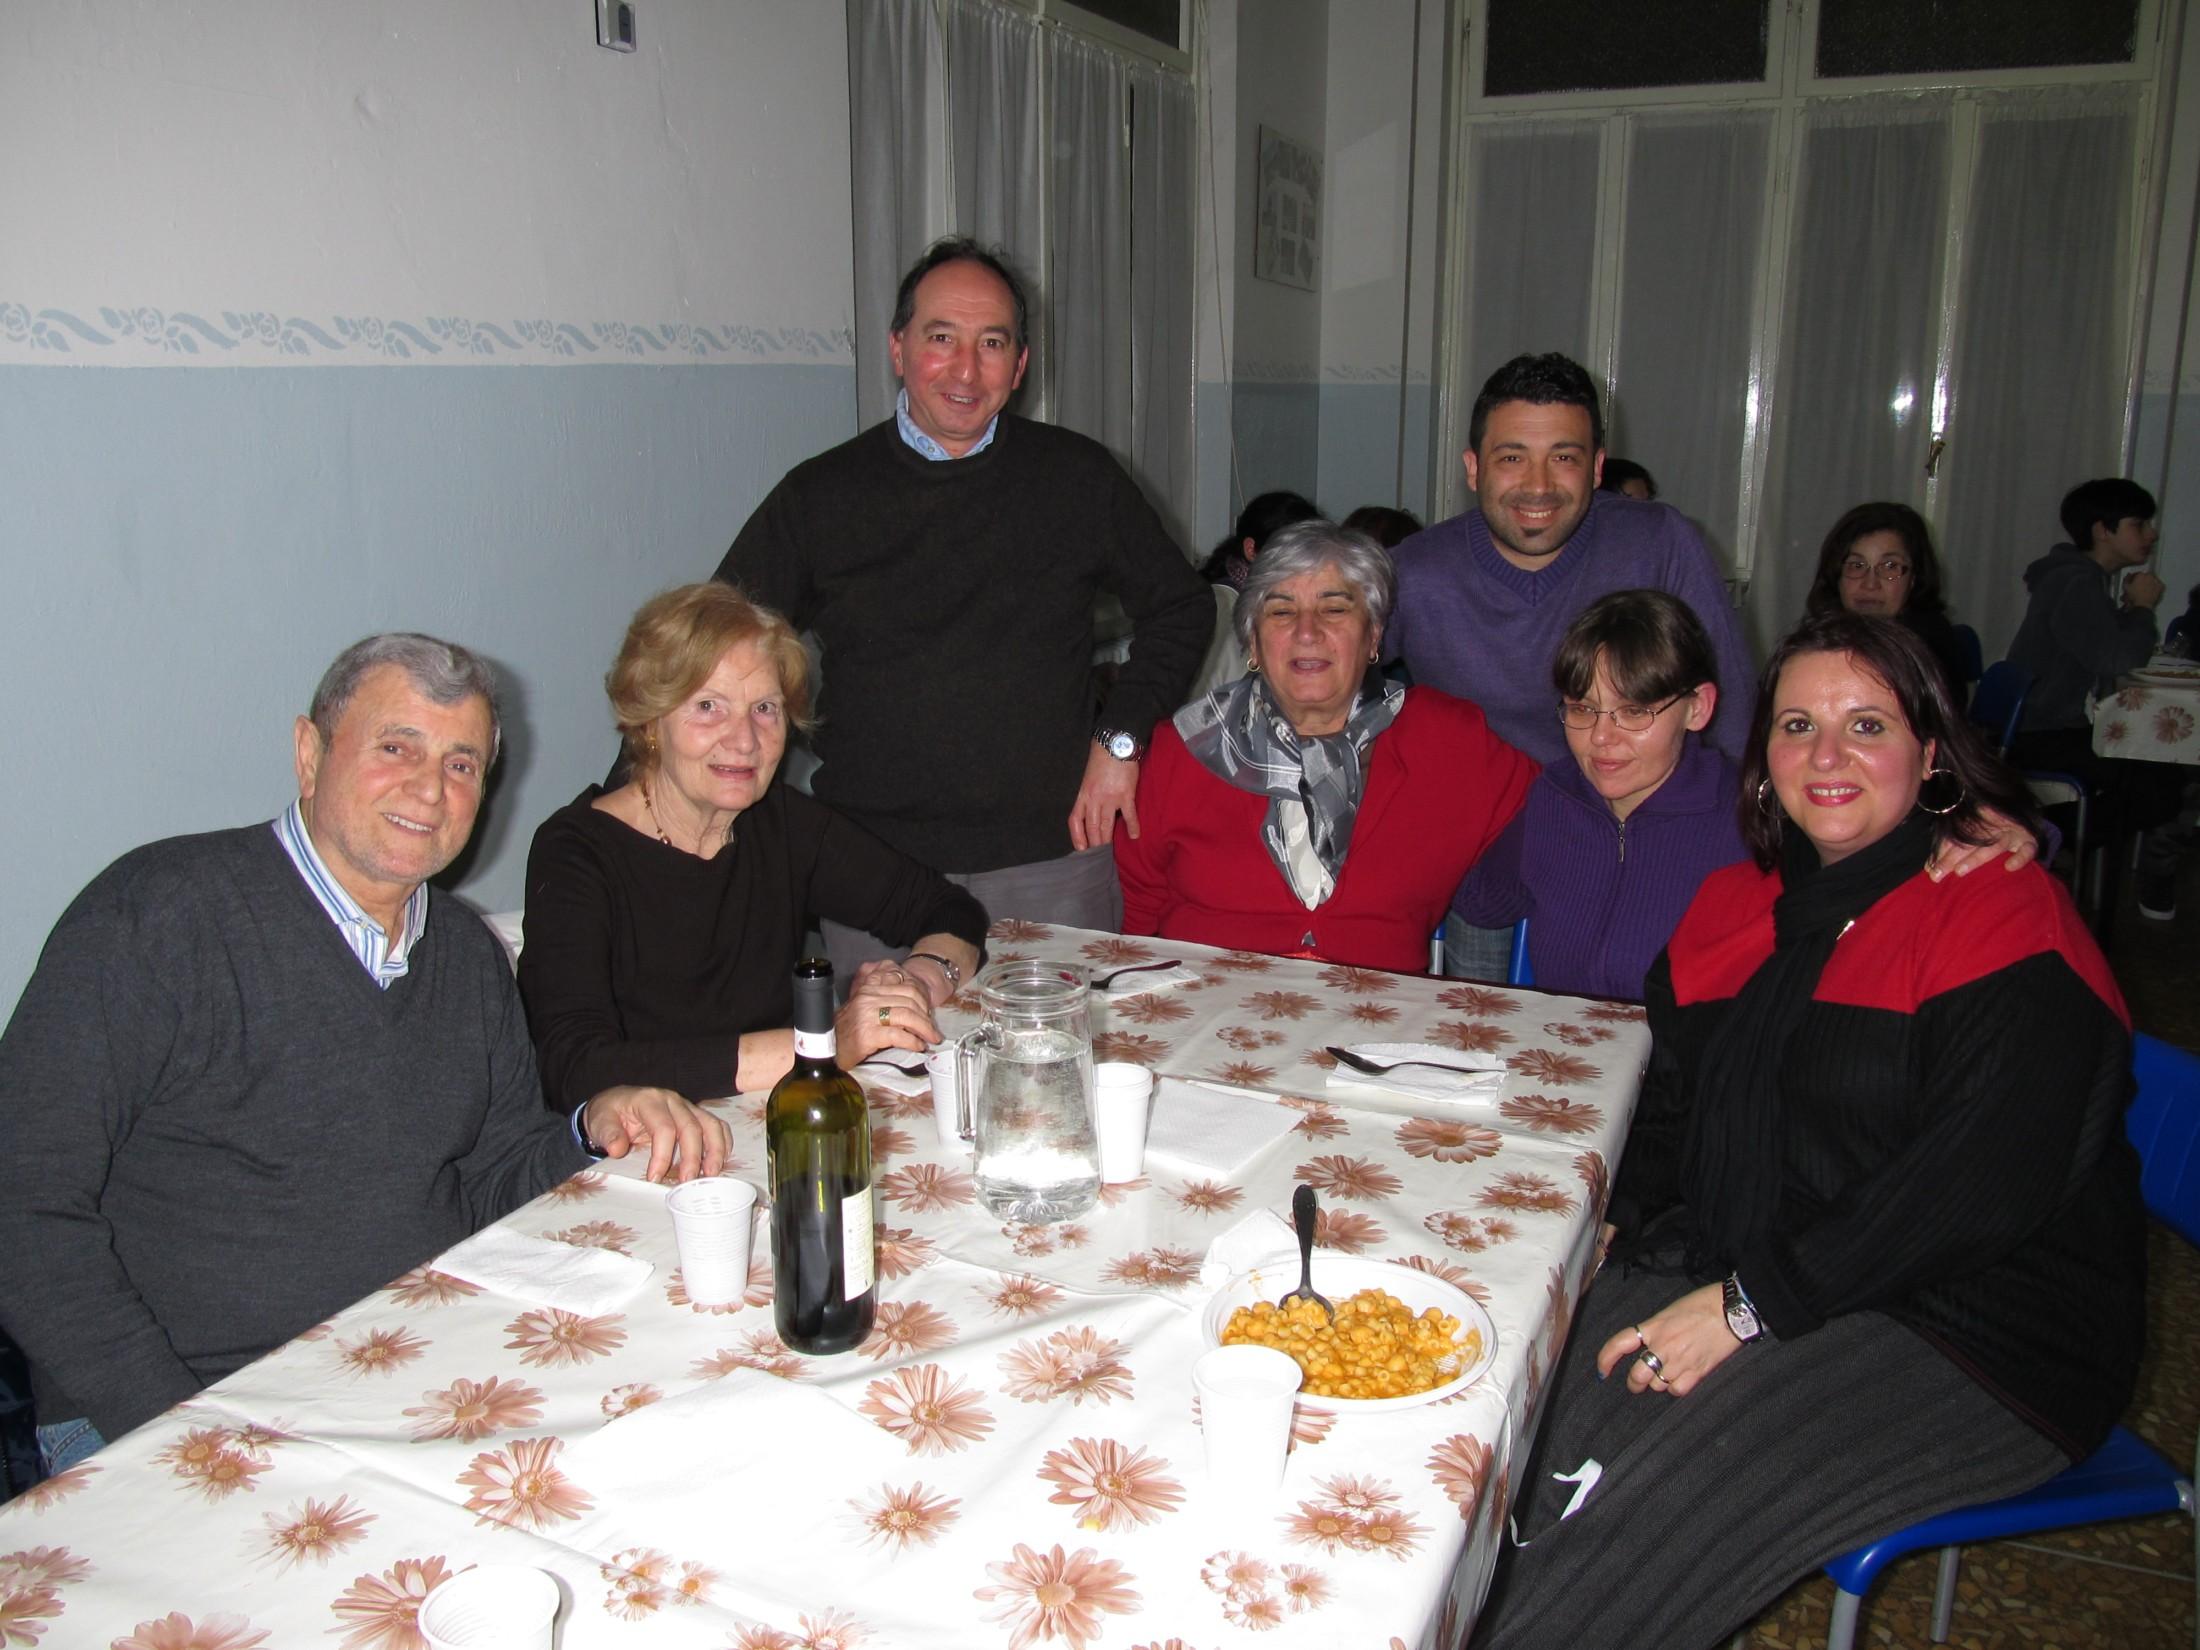 festa_papa_2014-03-22-19-47-16